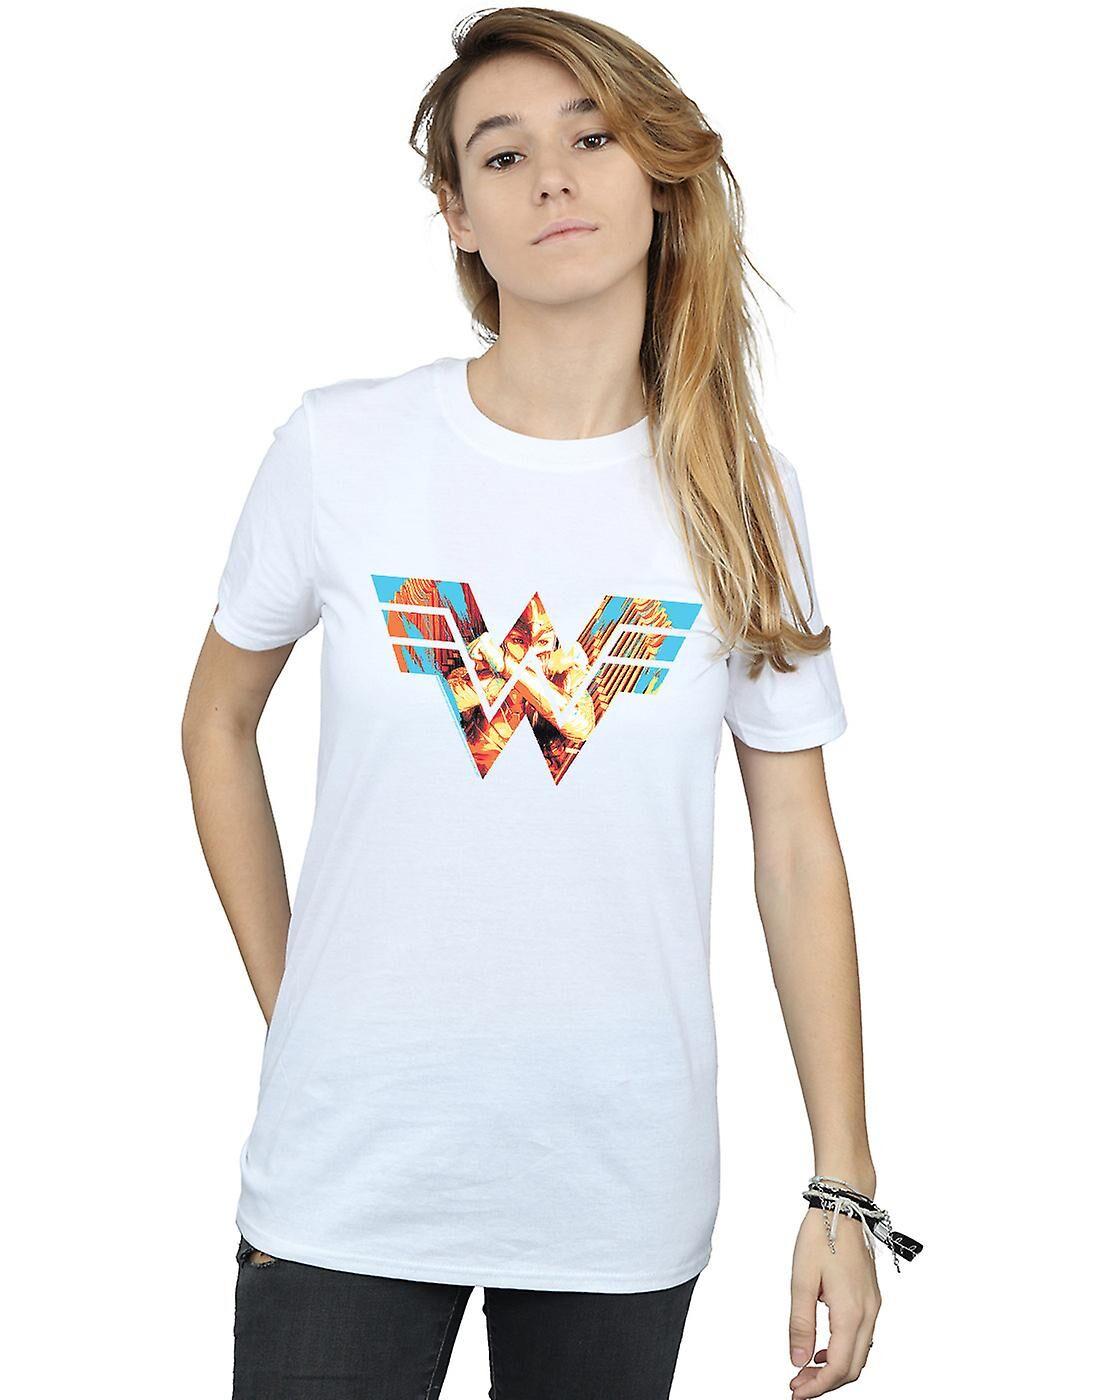 Absolute Cult DC Comics Femmes-apos;s Wonder Woman 84 Symbol Crossed Arms Boyfriend Fit T-Shirt Noir XXX-Large